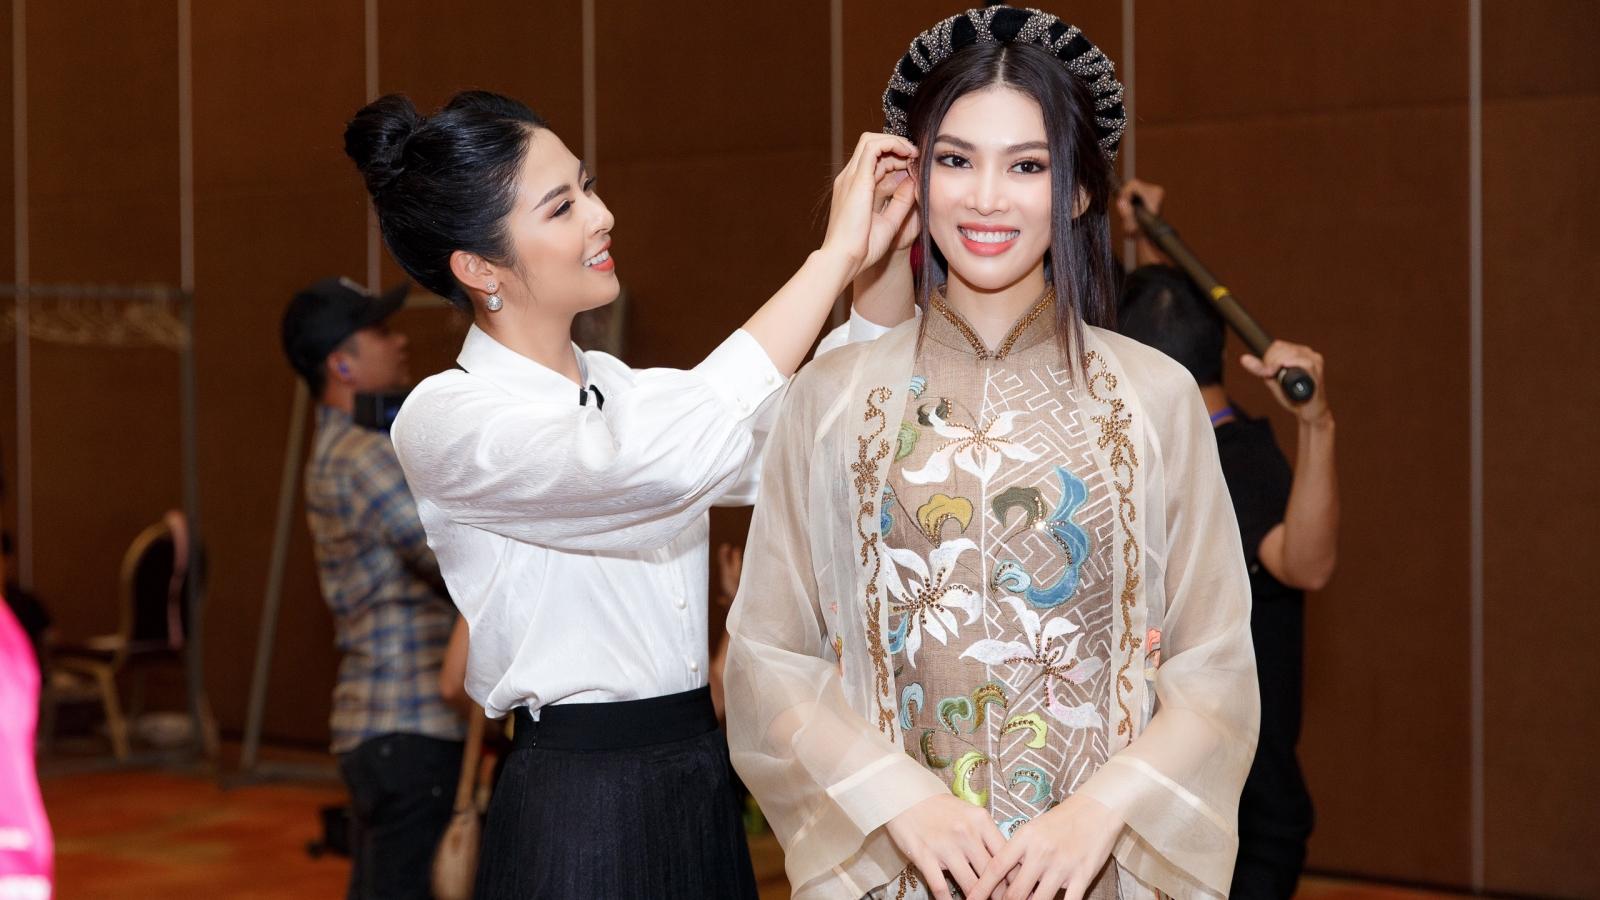 Ngọc Hân thiết kế áo dài hoa văn, hoạ tiết thời Lý–Trần tại chung kết HHVN 2020